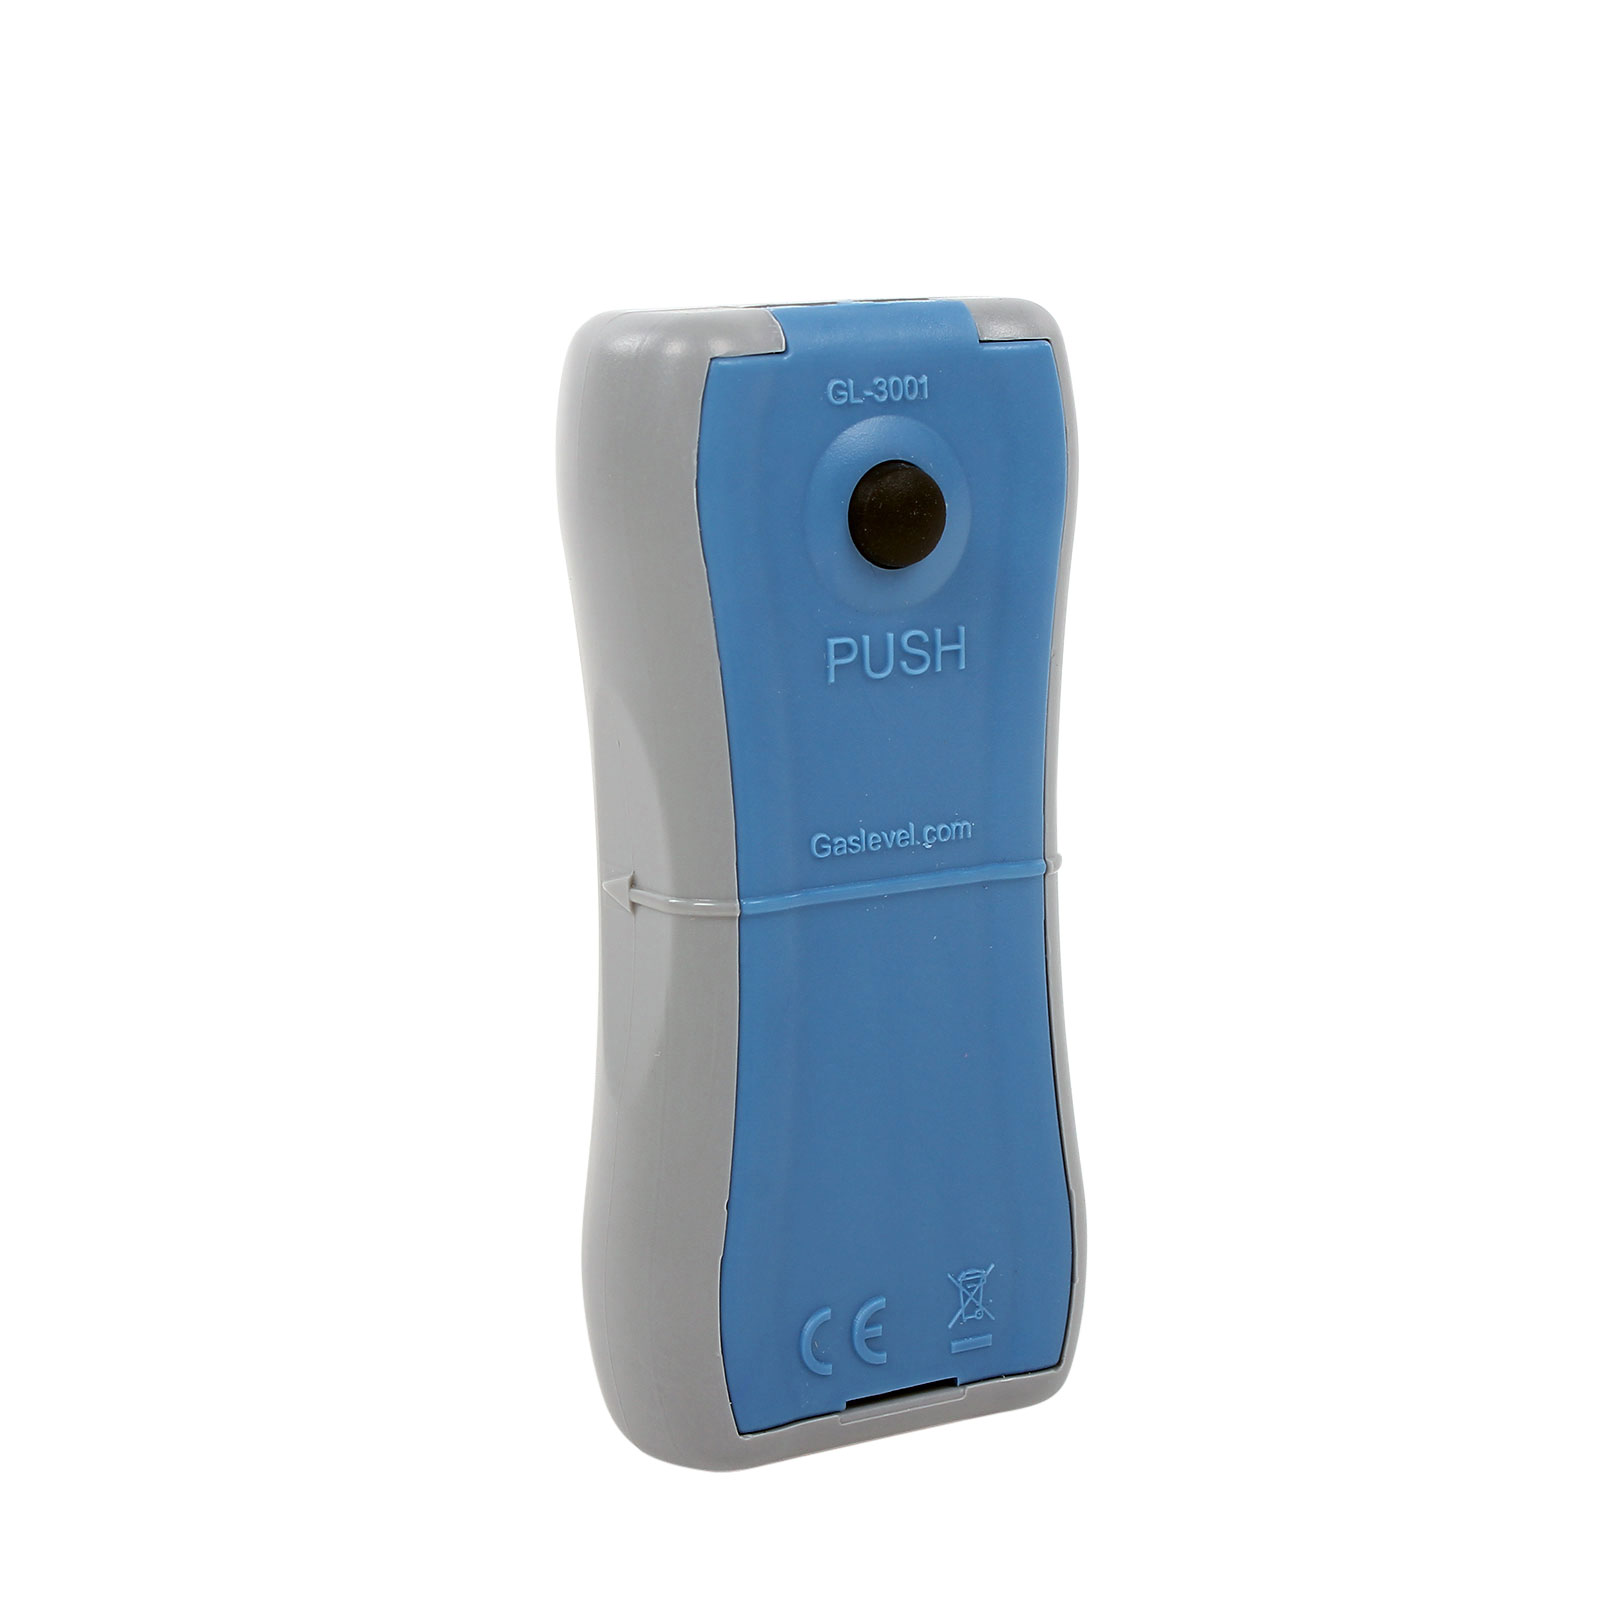 Gasflaschen Füllstandsanzeiger Gaslevel GL 3001 für Propangasflaschen 5,11,33 Kg